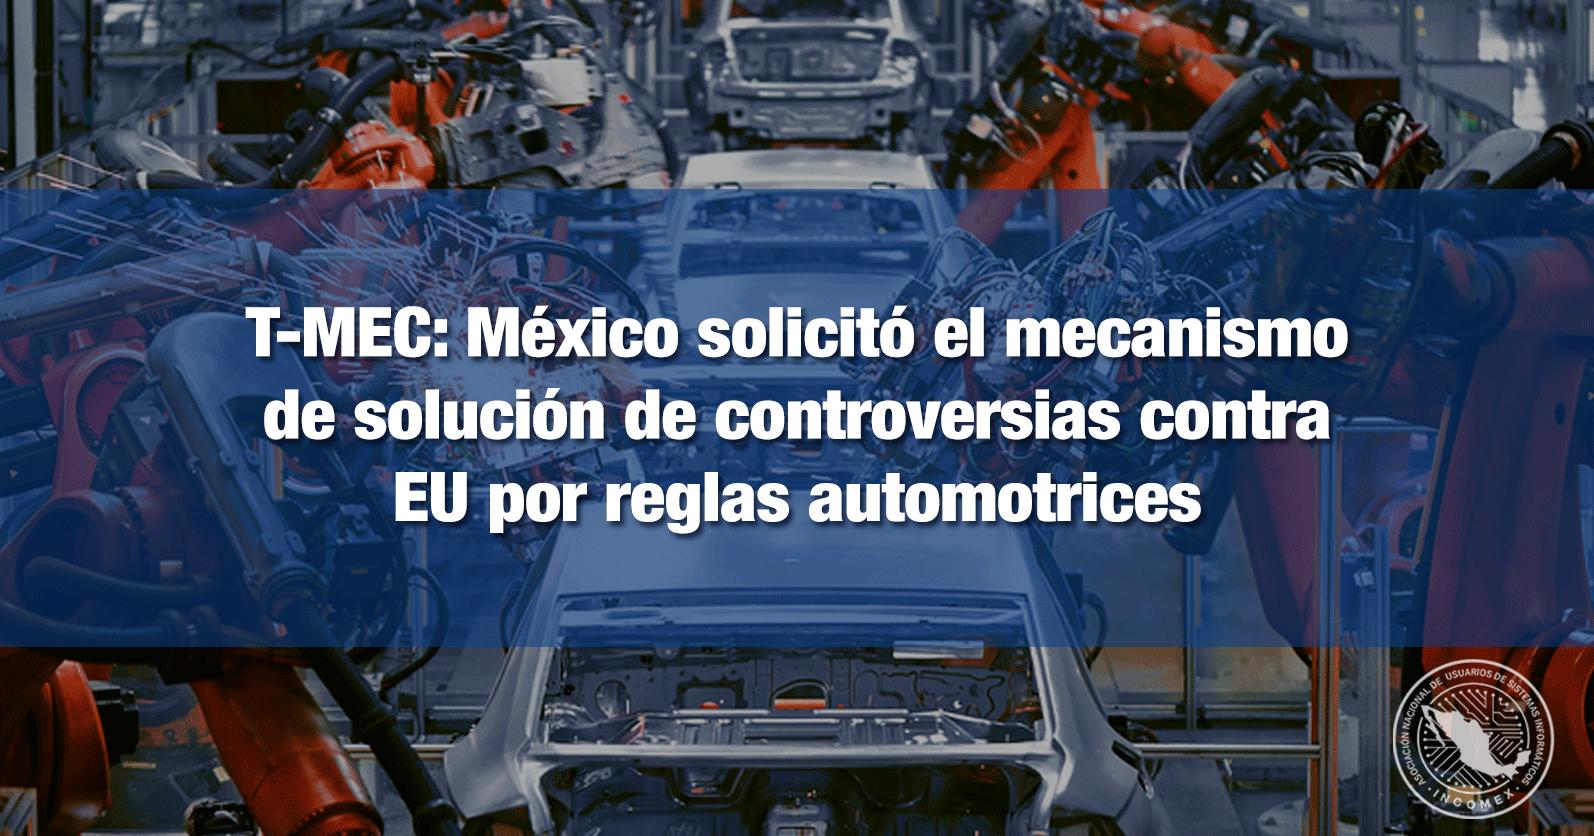 T-MEC: México solicitó el mecanismo de solución de controversias contra EU por reglas automotrices